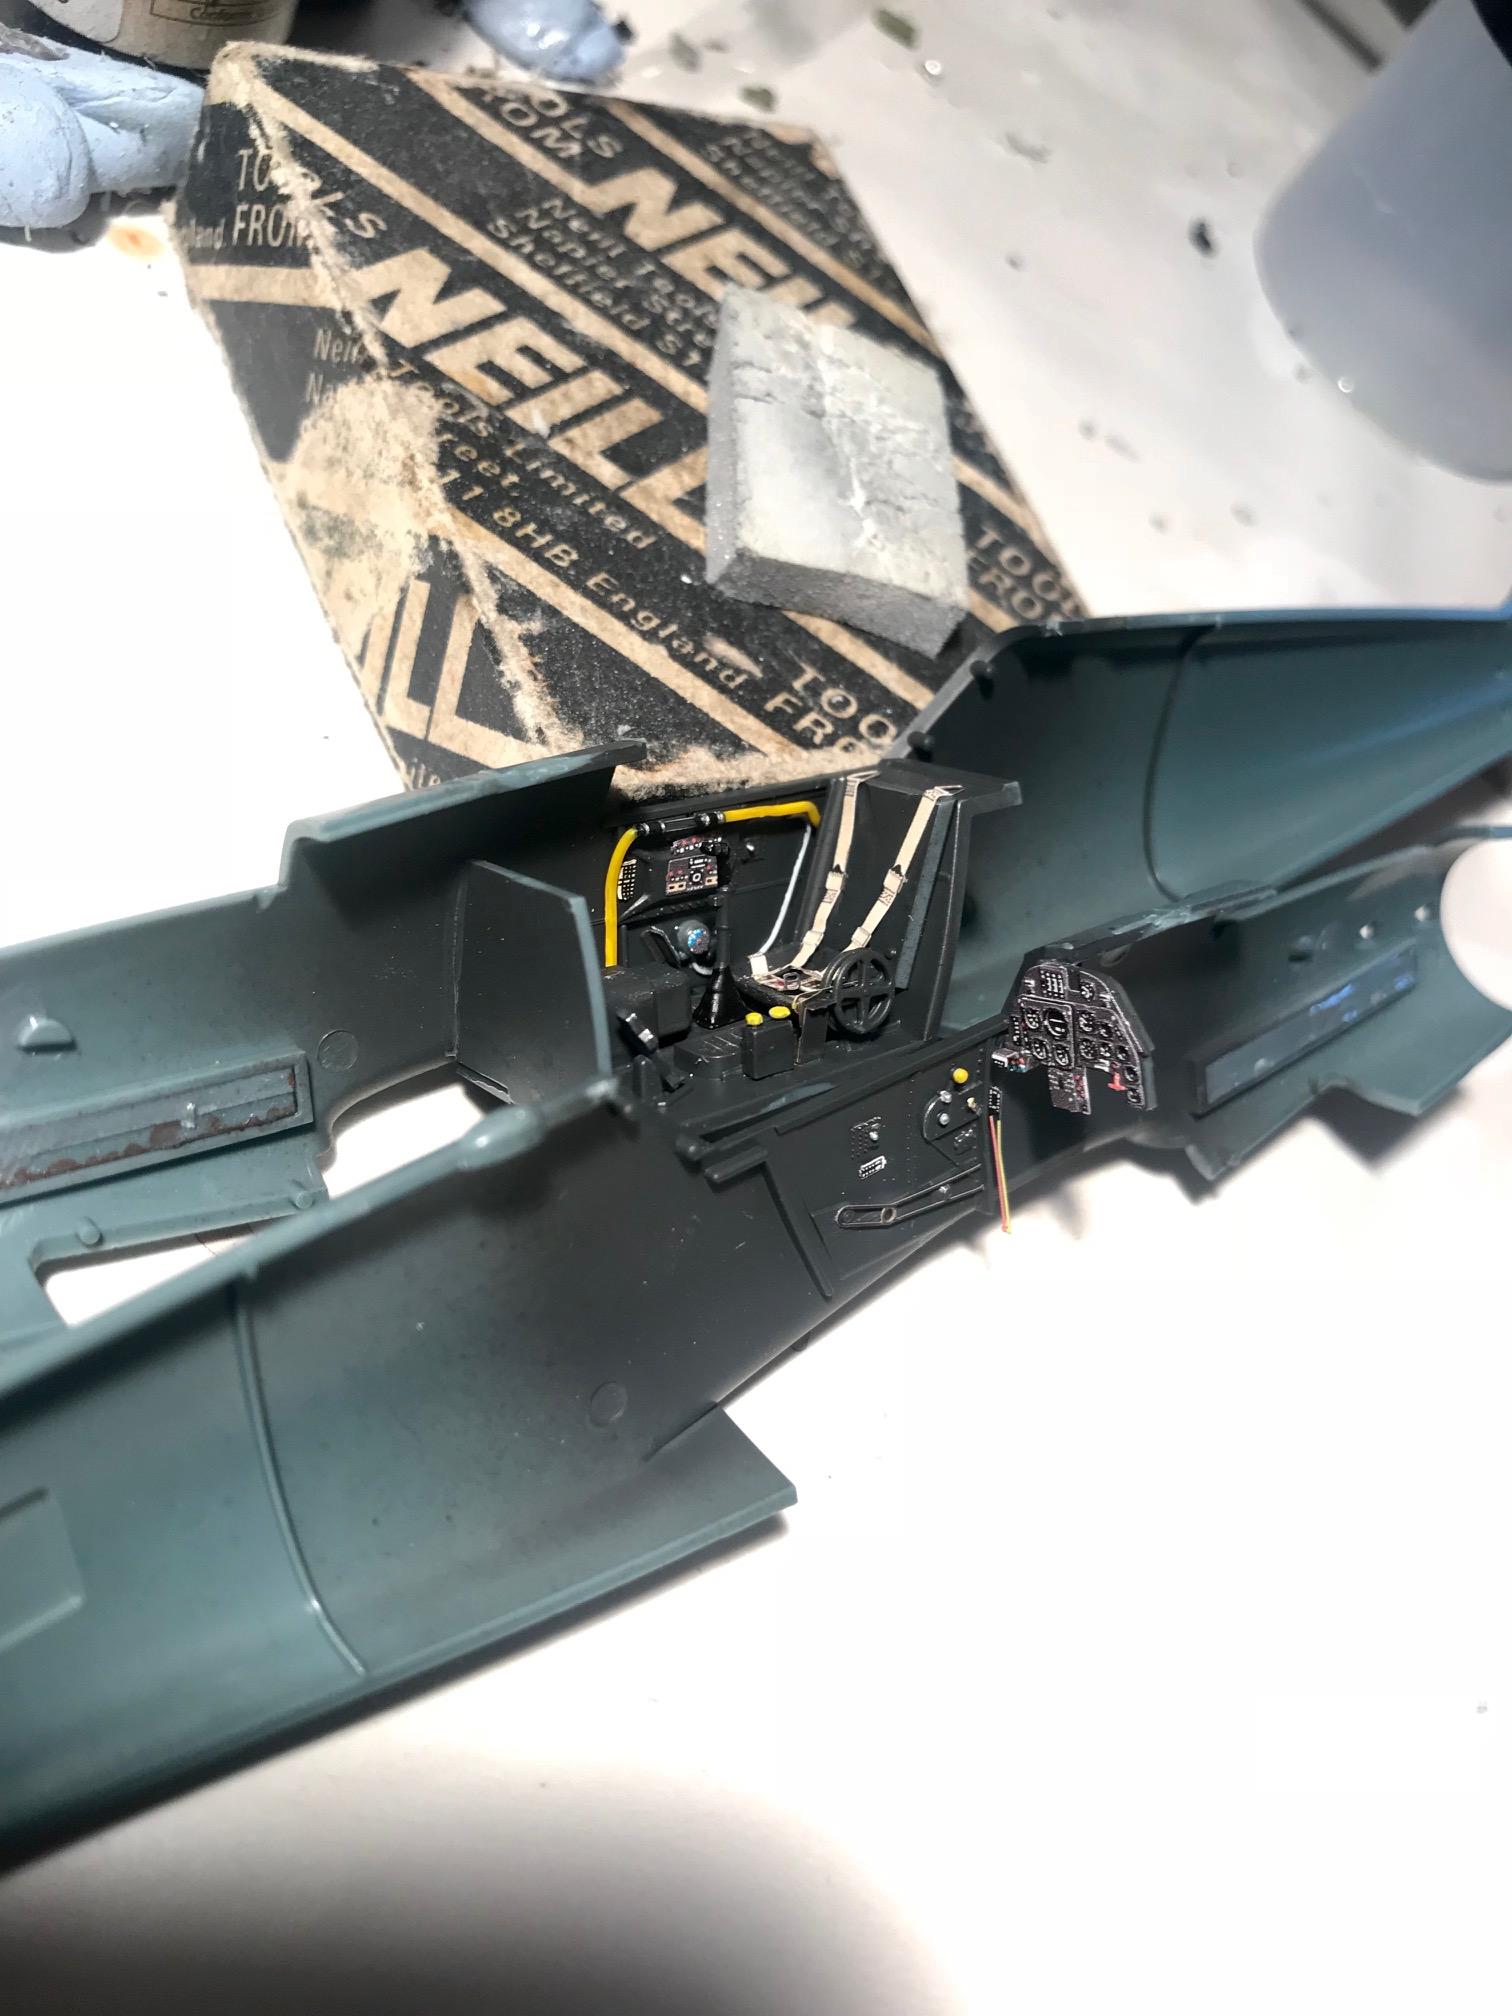 BE64E275-B2A9-45AC-A410-388B5E6C2AF7.jpeg